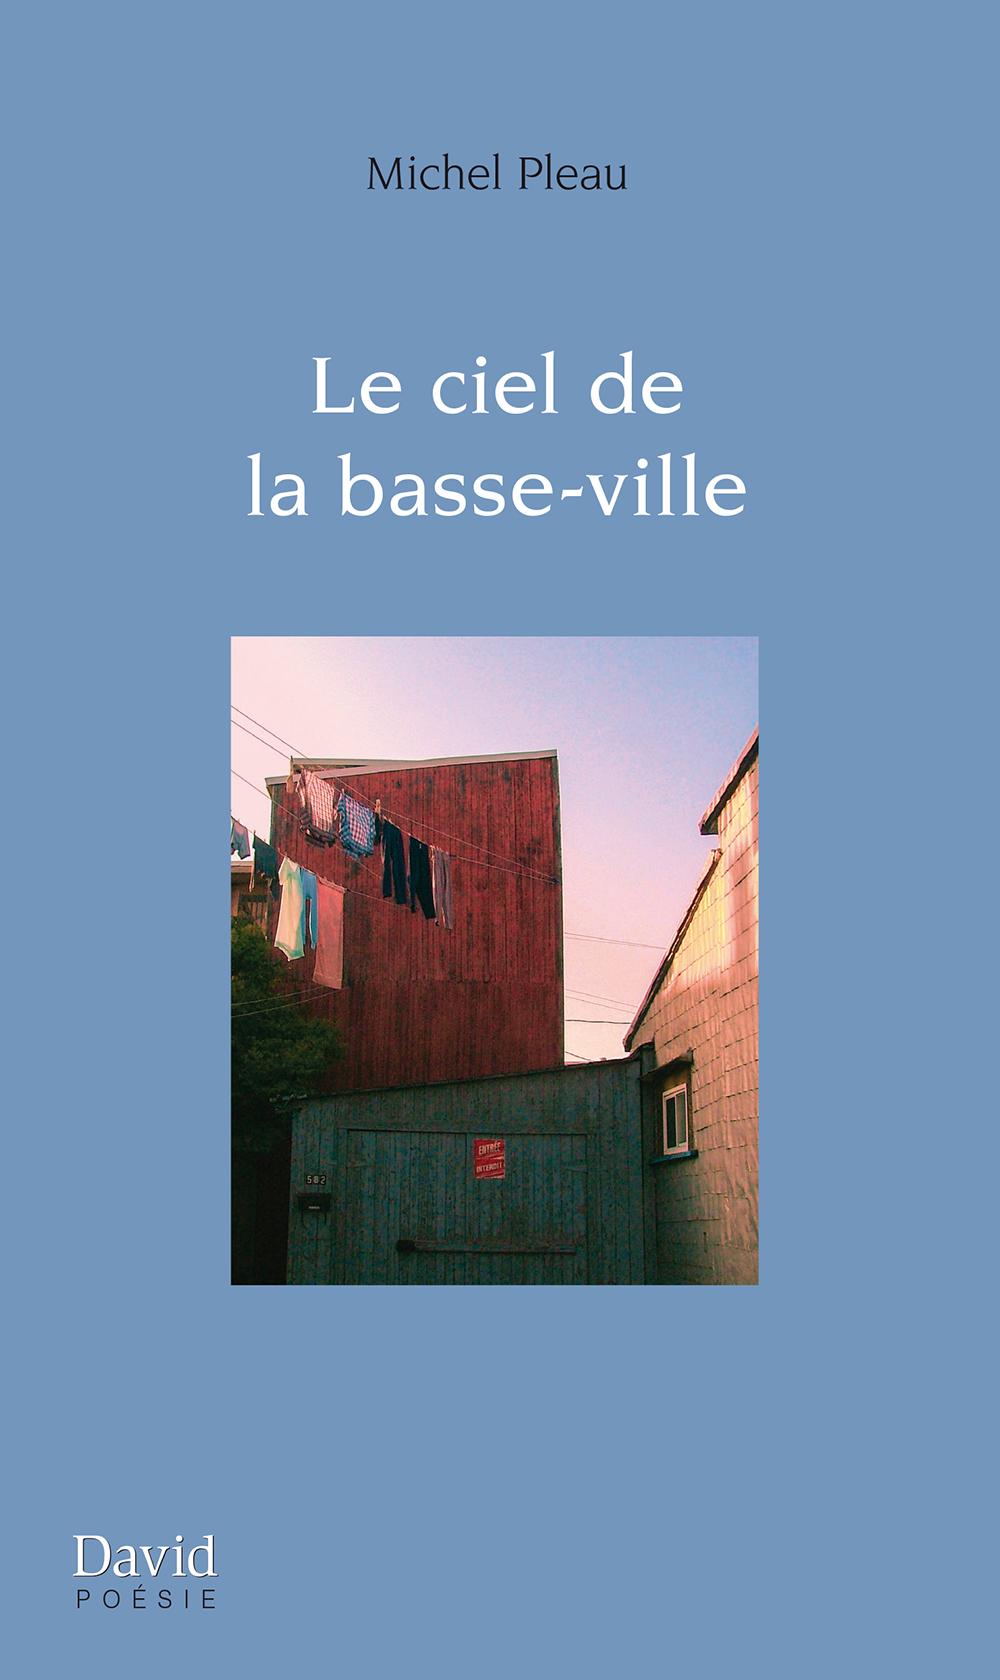 Couverture : Ciel de la basse-ville (Le) Michel Pleau